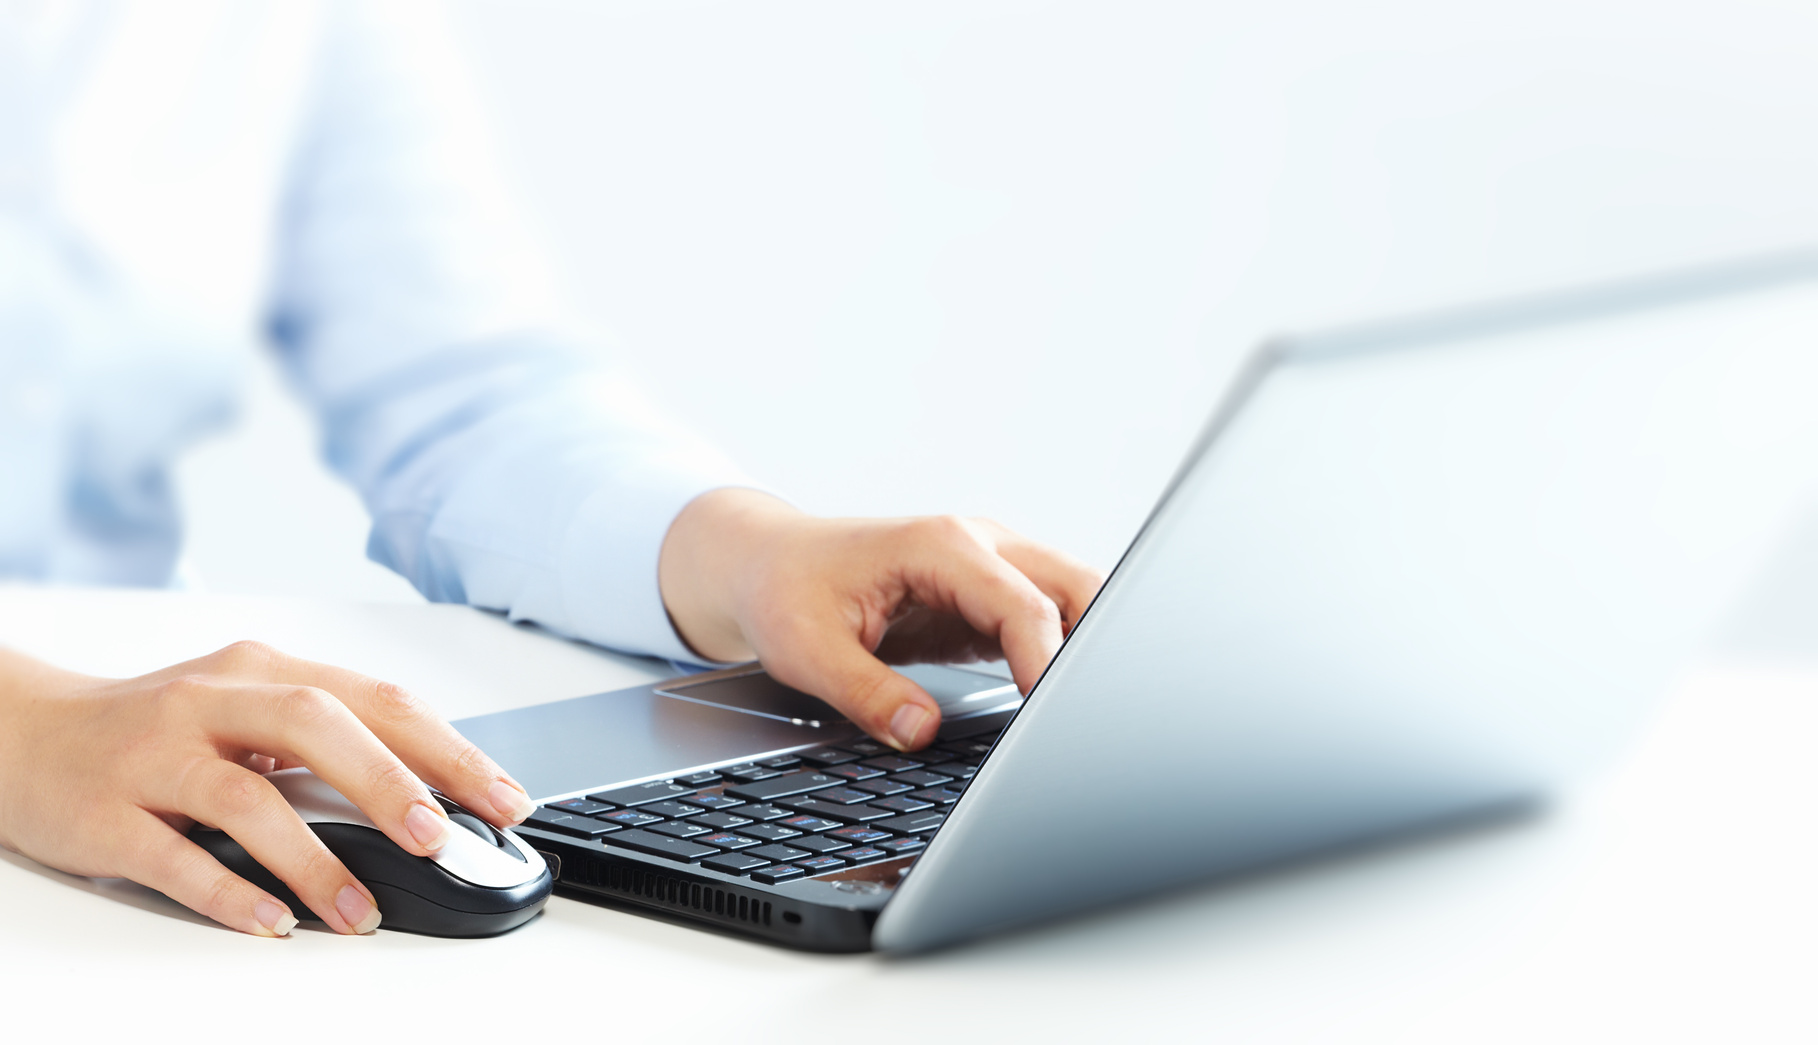 Las pymes corren más riesgo de sufrir un delito de protección de datos